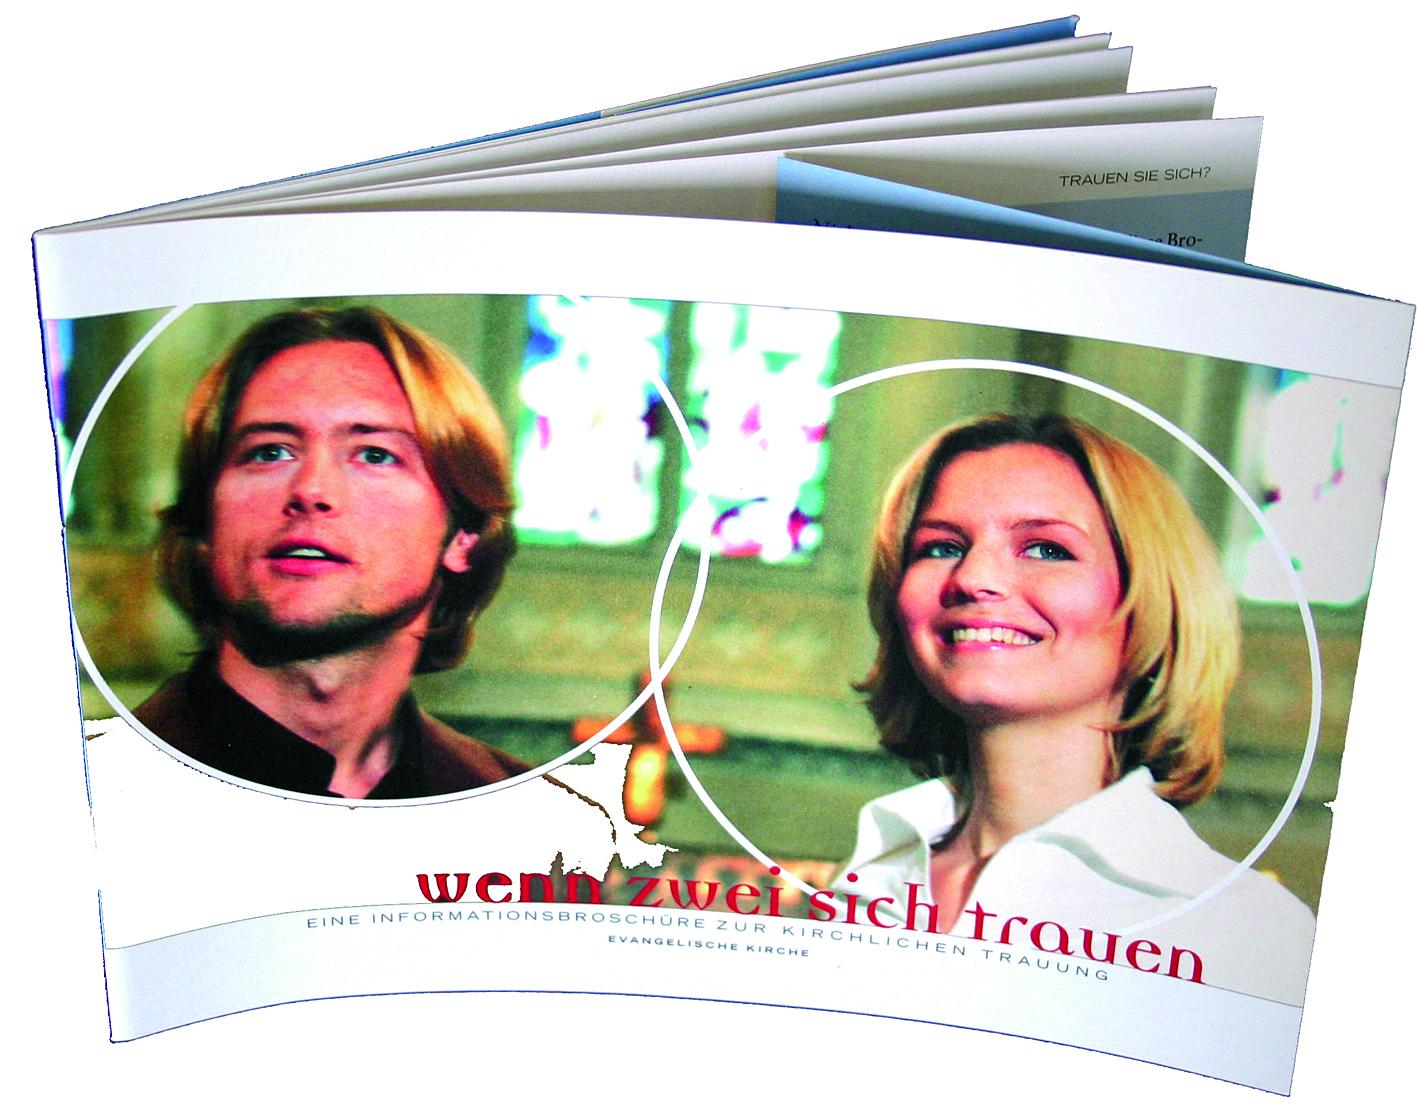 """Broschüre """"Wenn zwei sich trauen"""""""